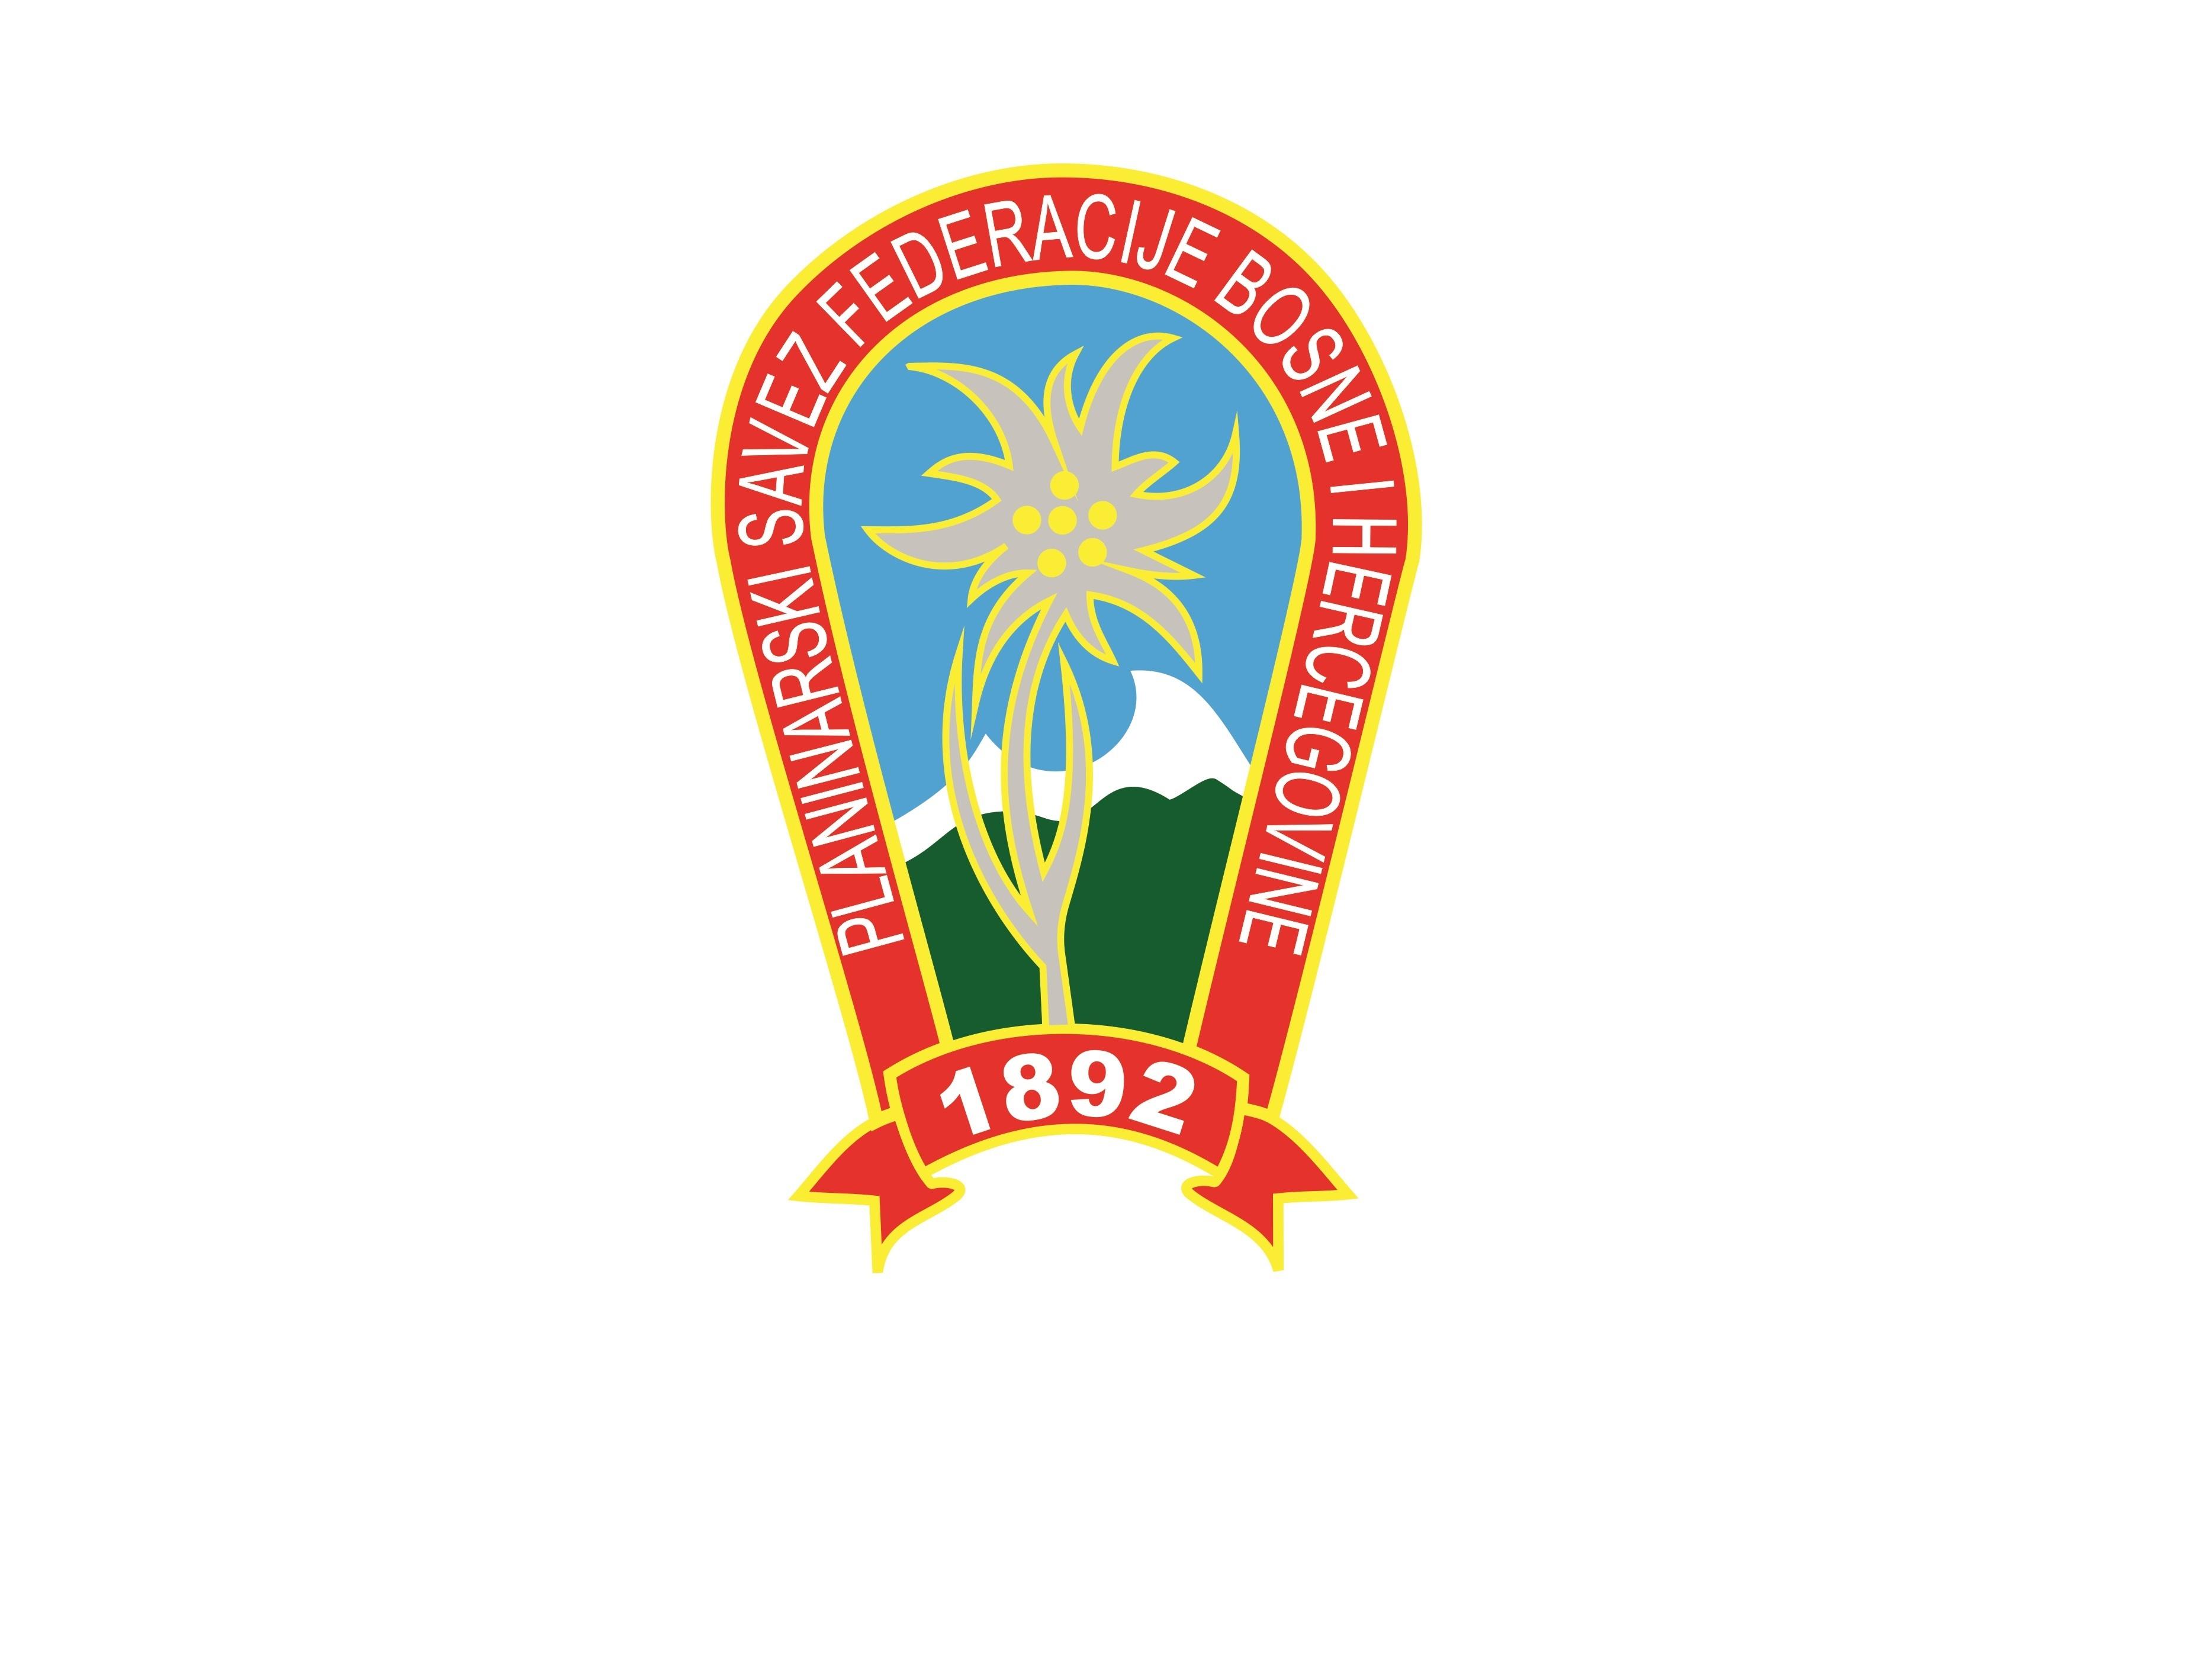 logo psfbih 1892_istaknut